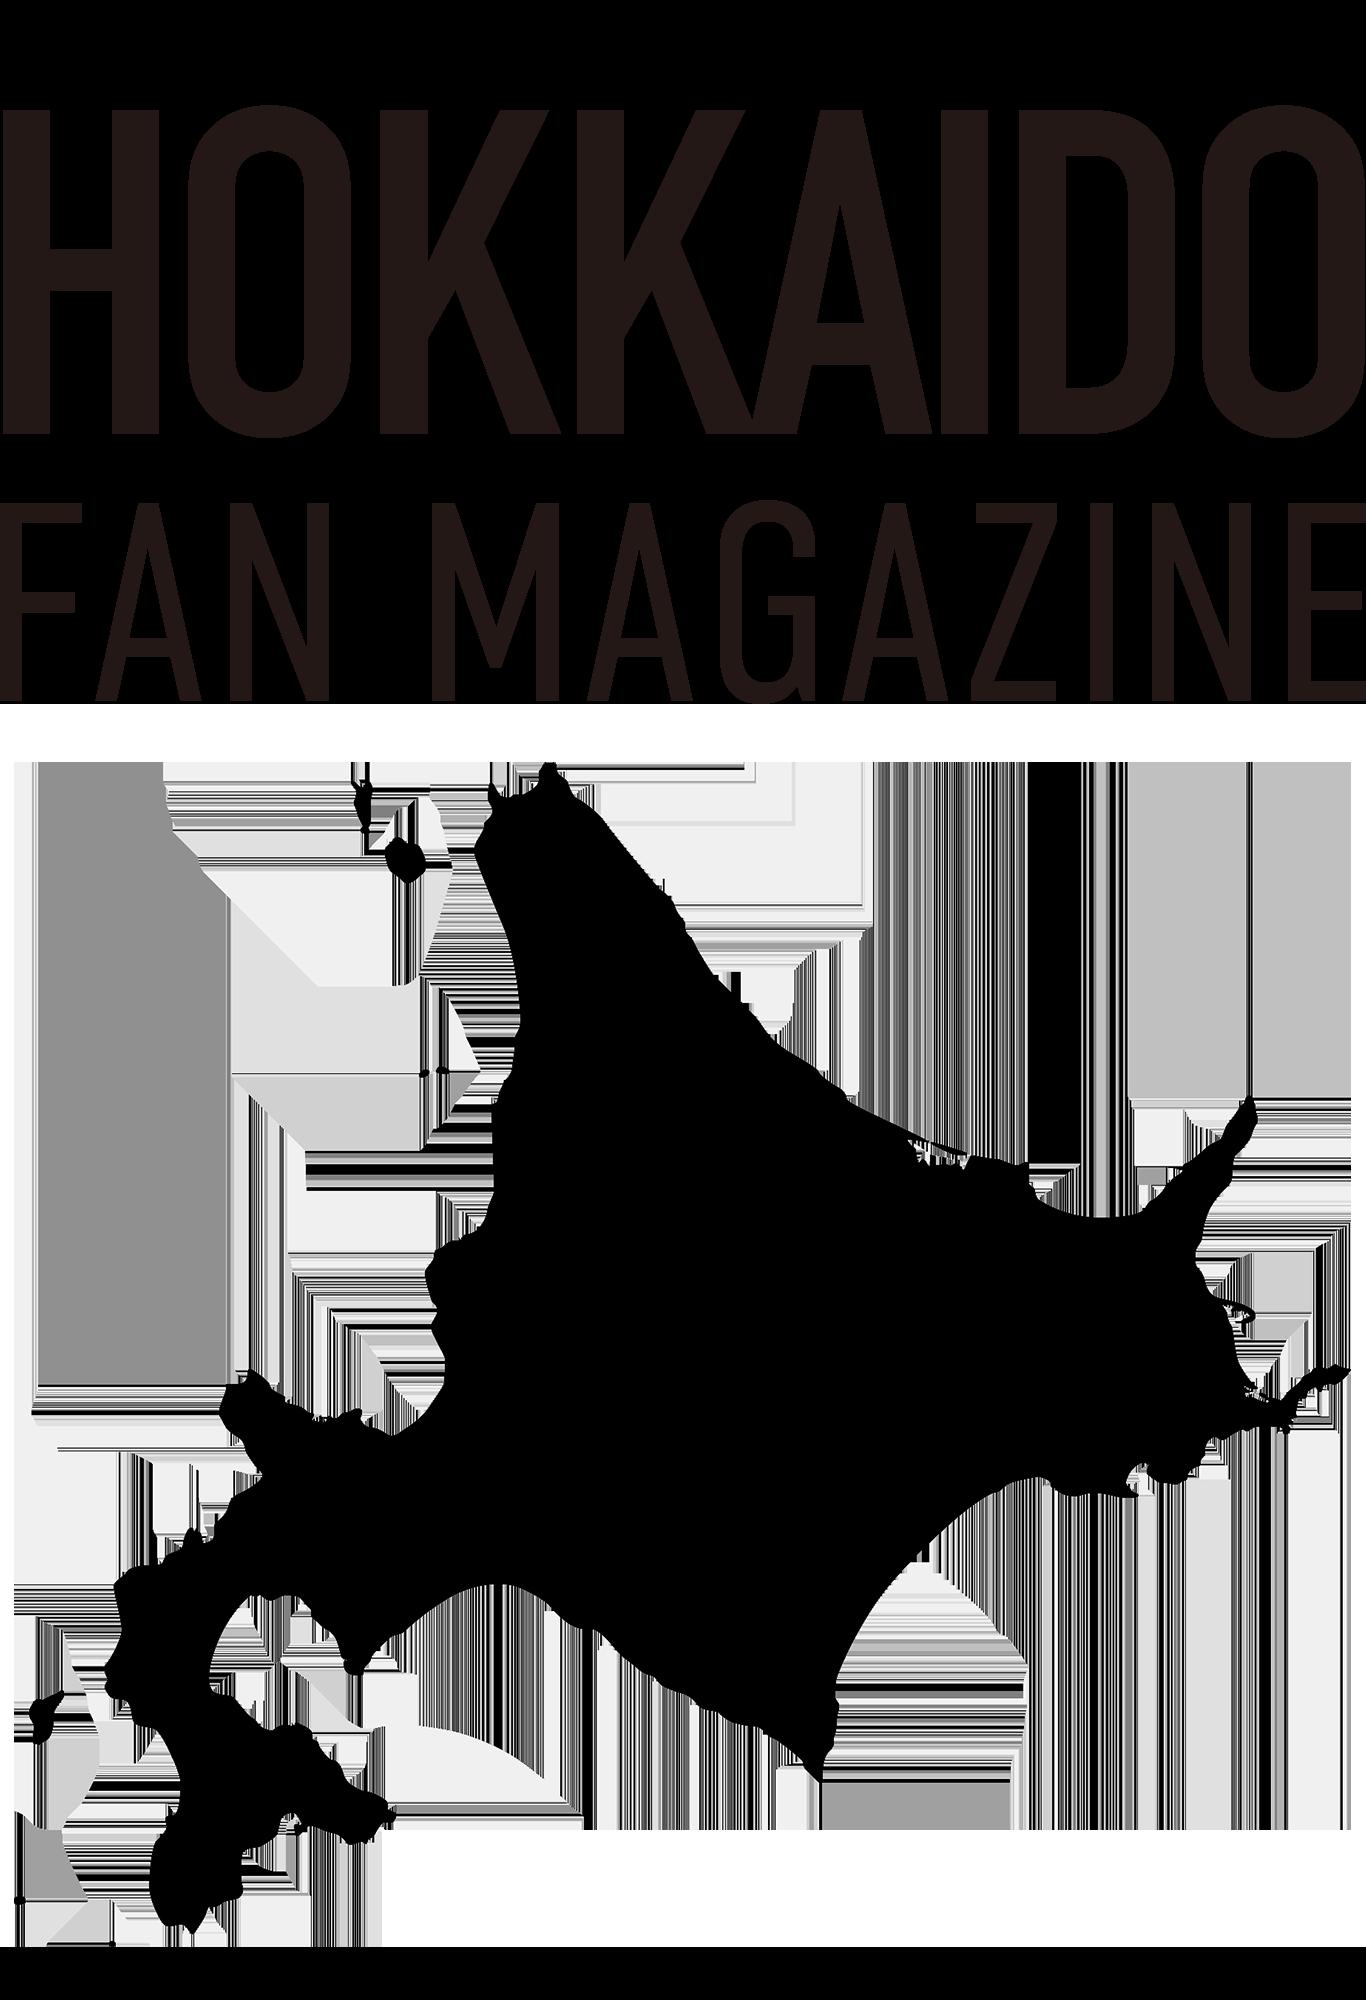 北海道ファンマガジン白黒ロゴ地図